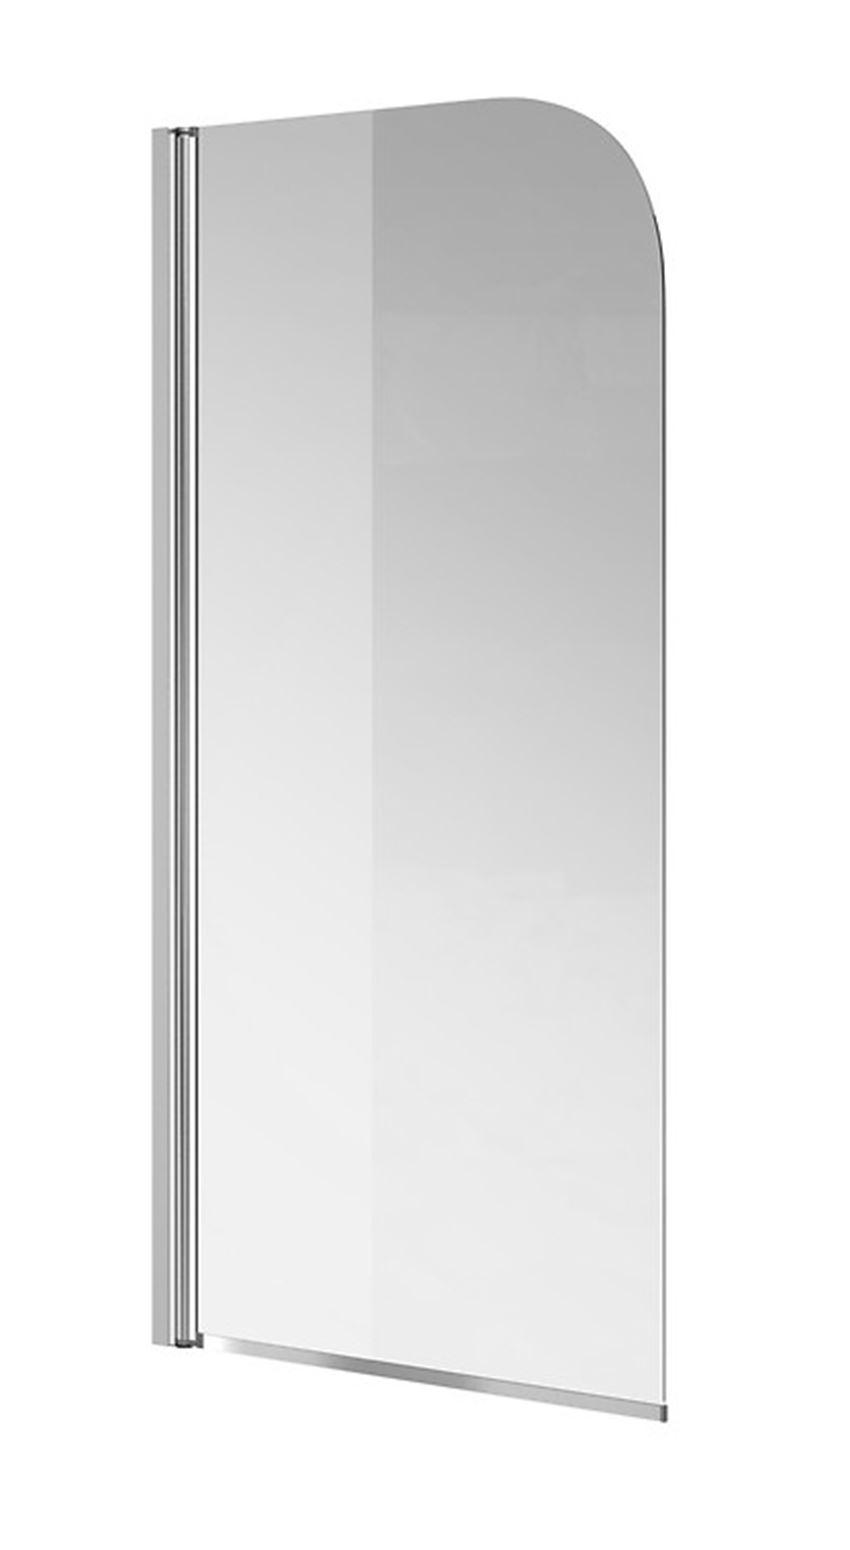 Parawan 1-elementowy 140x70 cm Cersanit Easy